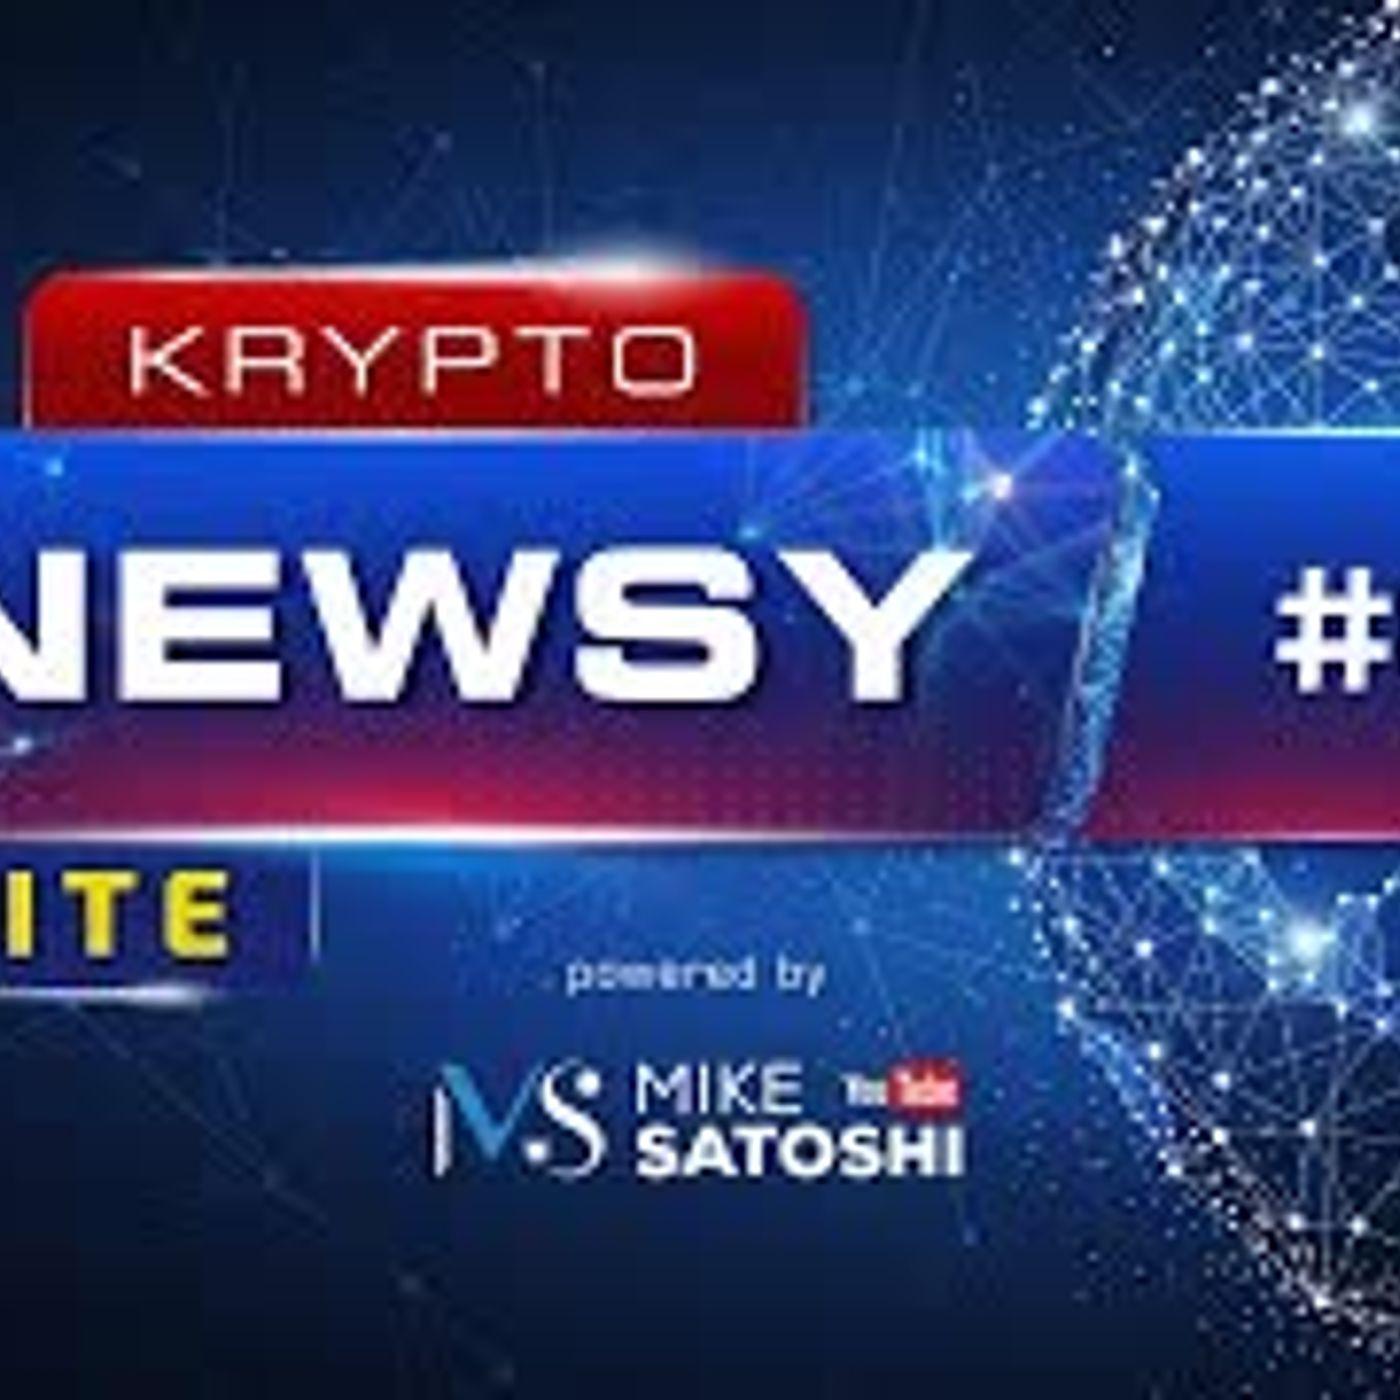 Krypto-Newsy Lite #6 | 21.05.2020 | Afryka mocno wchodzi w blockchain, Shopify dodaje kryptowaluty, Visa wróci do Libry? Tezos i karta!